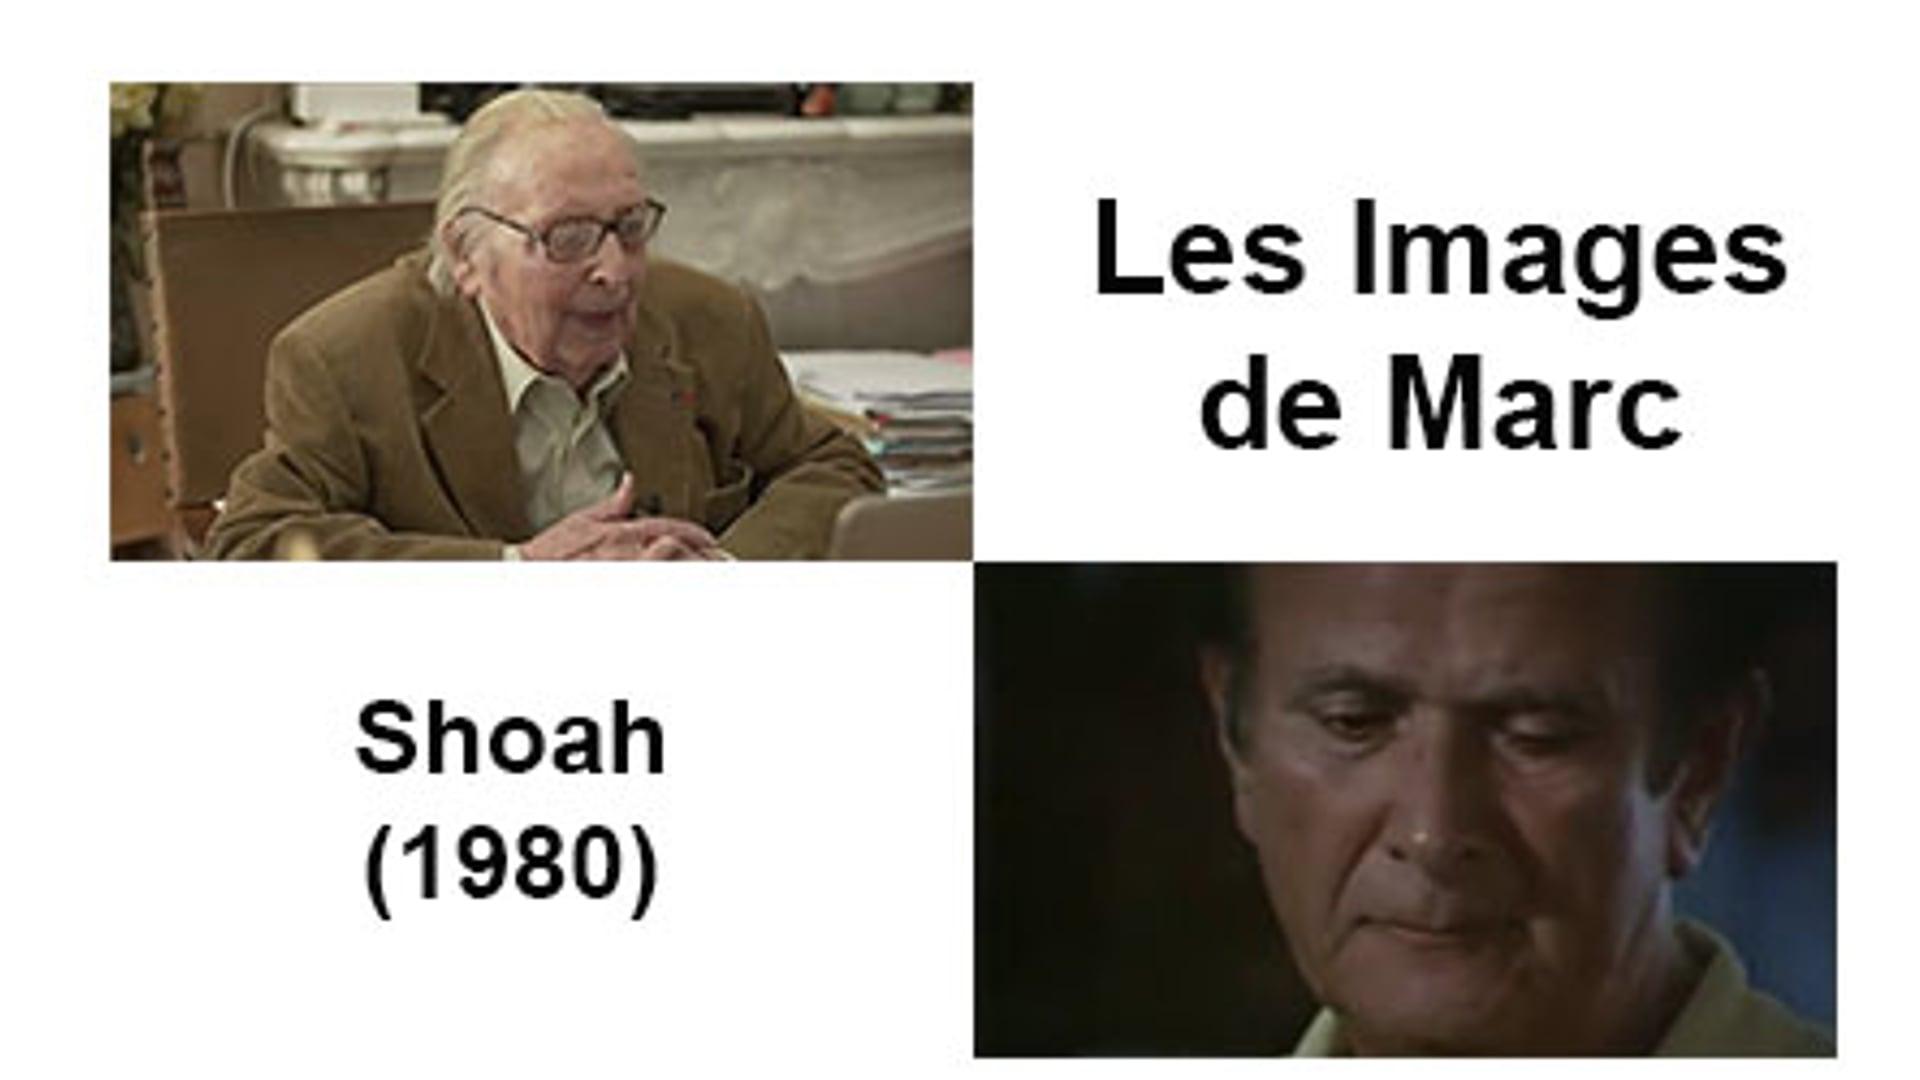 Shoah (1980)